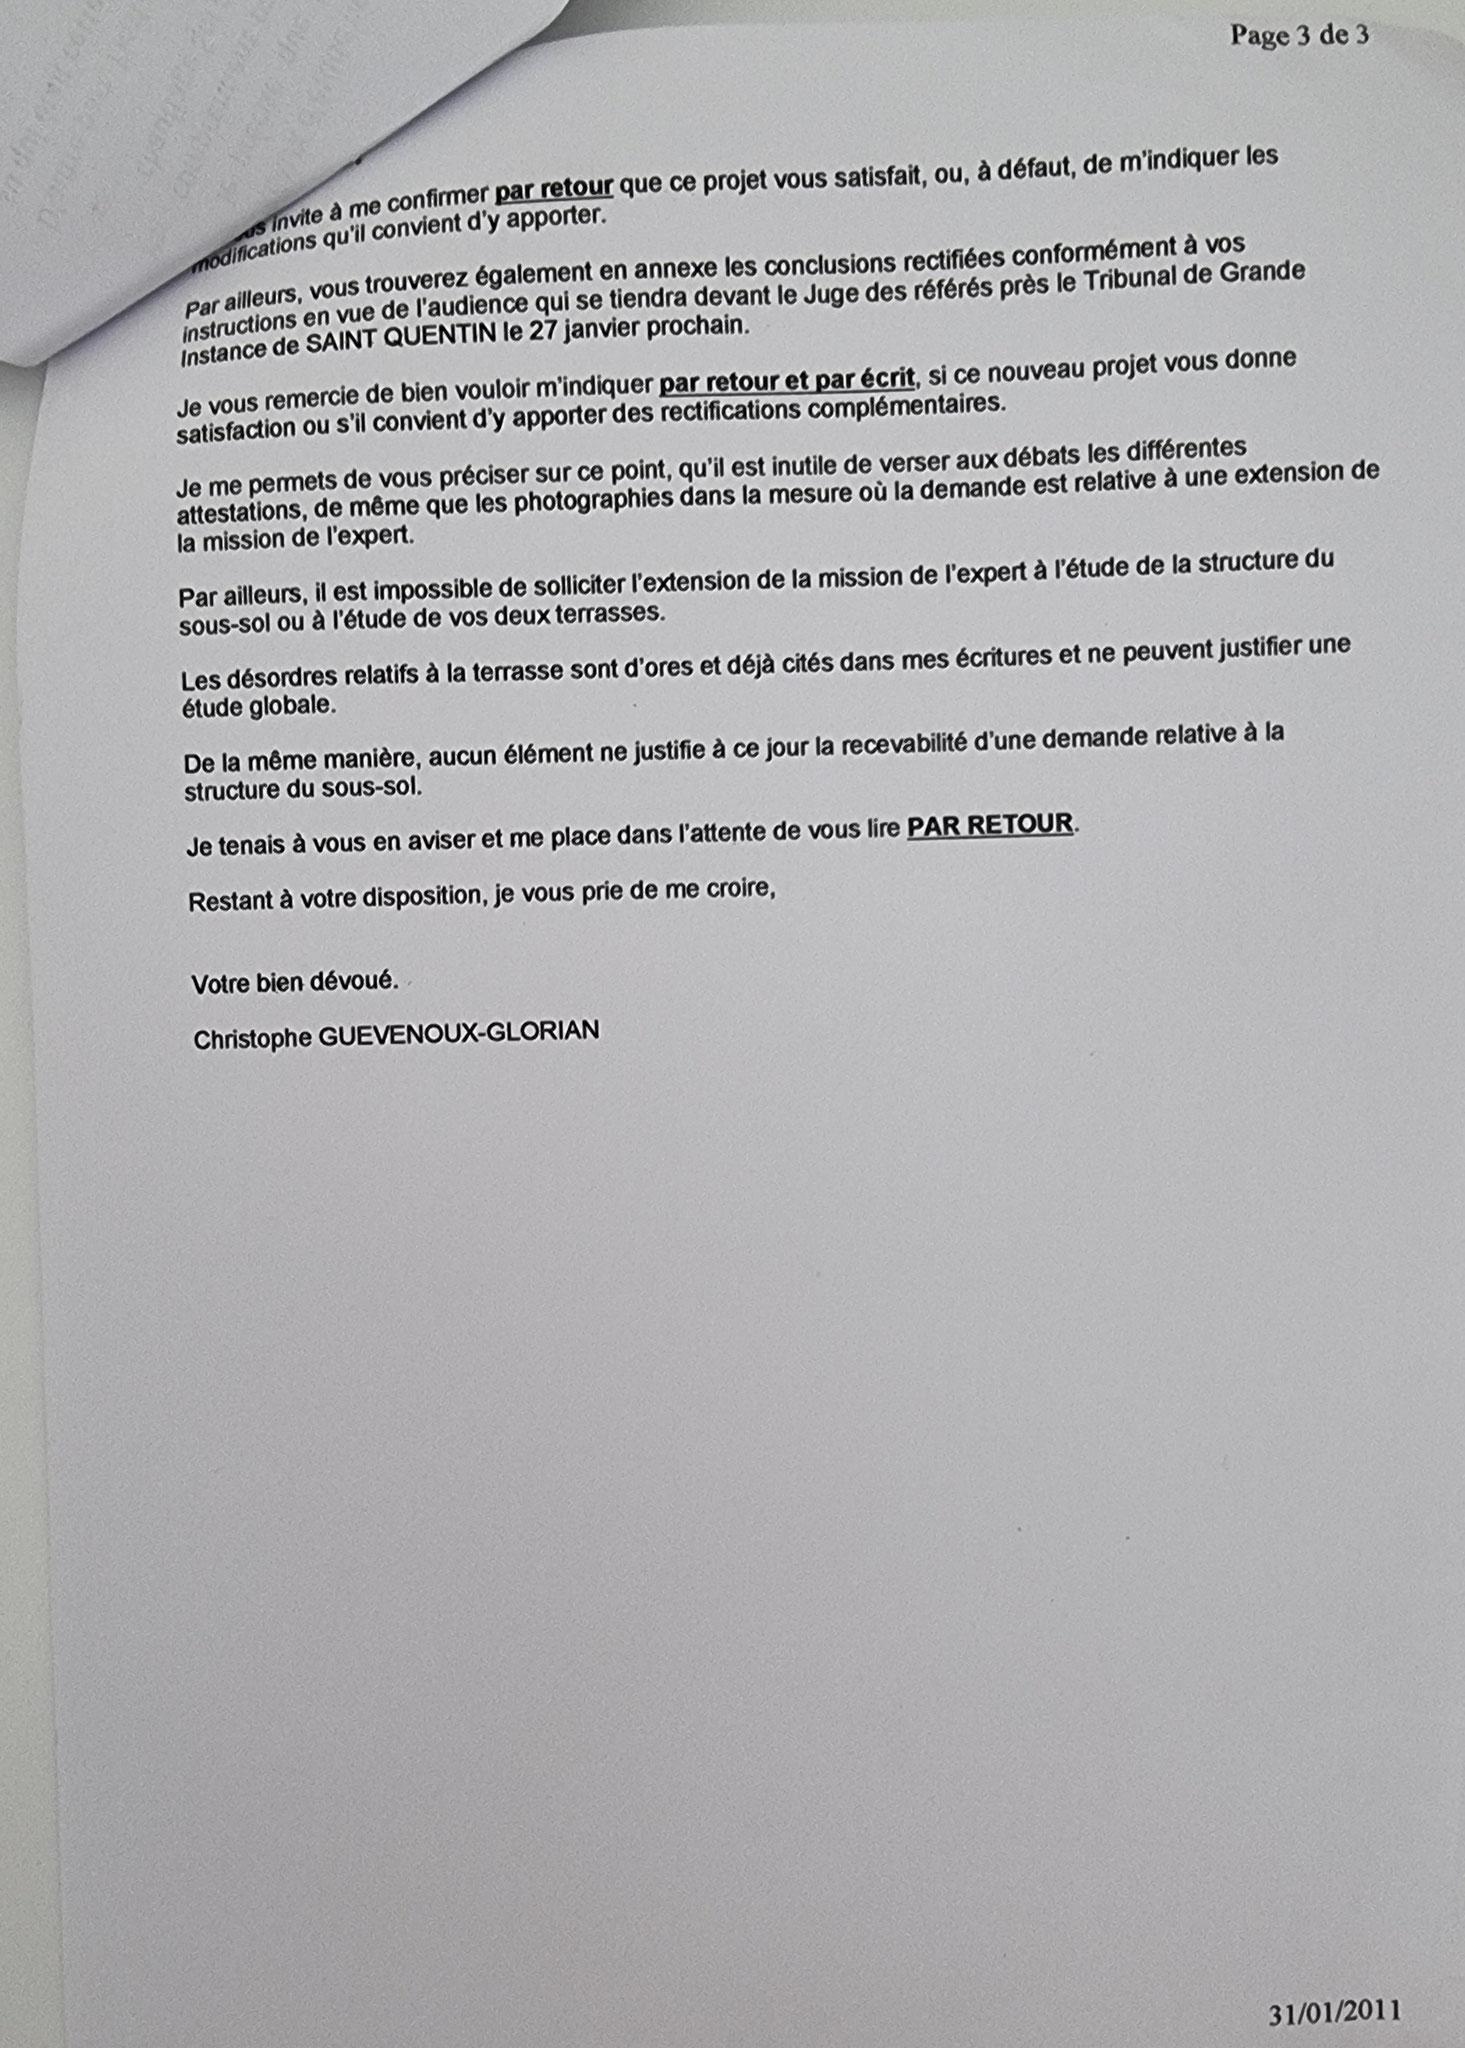 AFFAIRE LE BATISSEUR, ALAIN ALLIOT #StopCorruption #StopMafia #StopViolences www.jenesuispasunchien.fr www.jesuisvictime.fr www.jesuispatrick.fr NE RENONCEZ JAMAIS LE PAIN & LA LIBERTE POUSSENT SUR LA MÊME TIGE